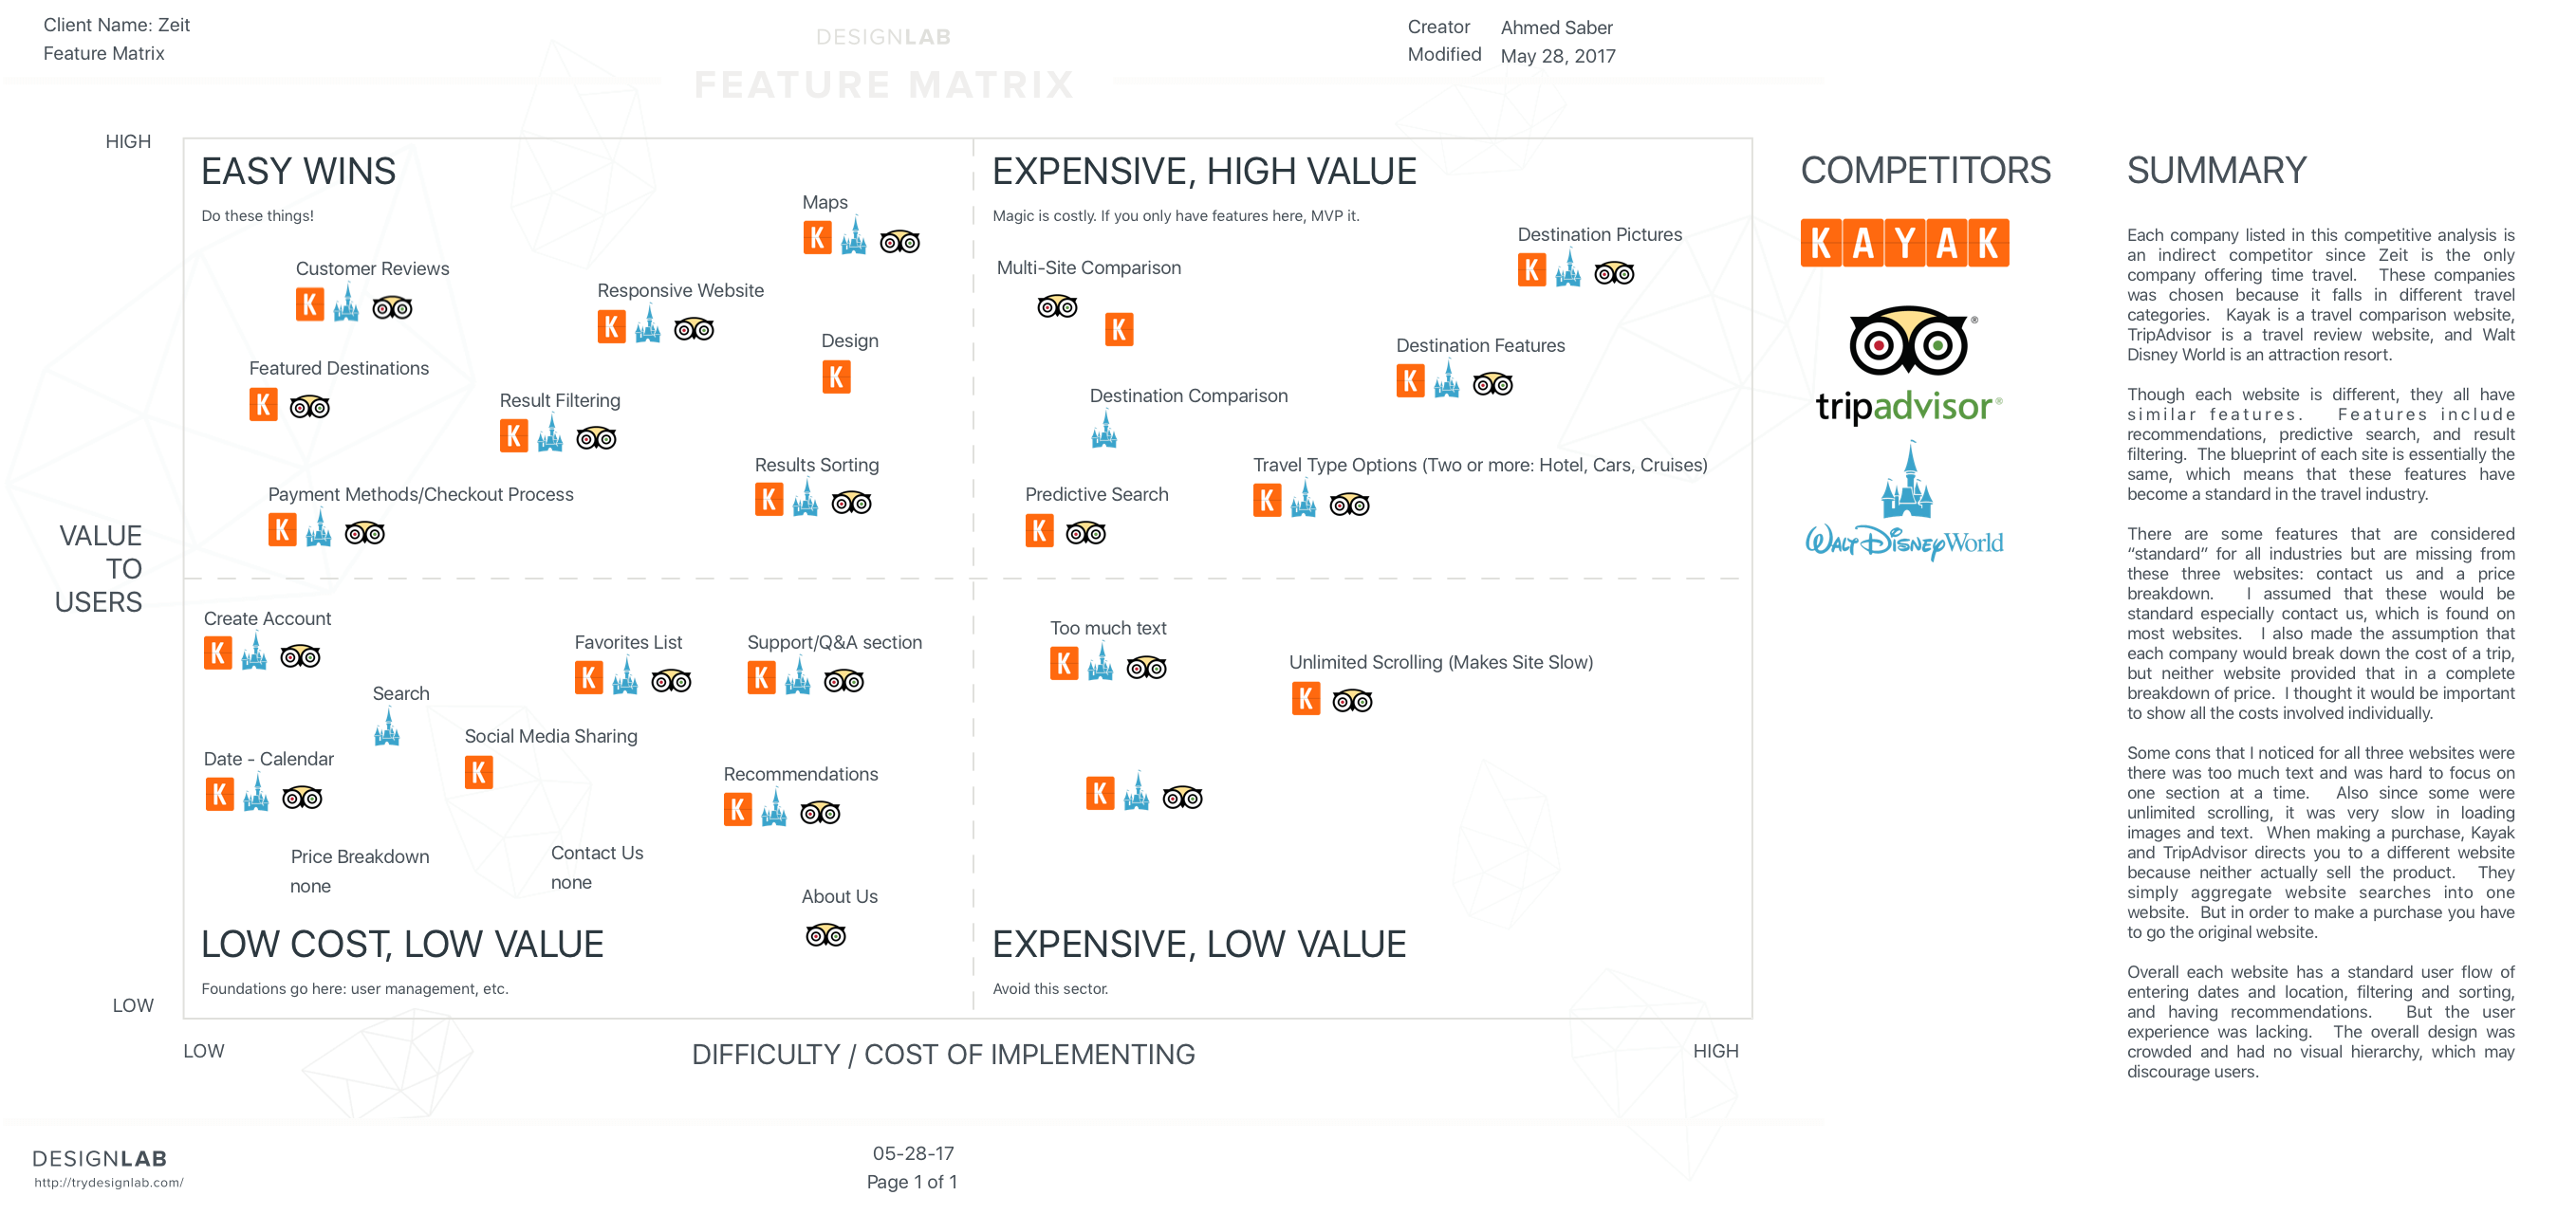 DesignLab – Feature Matrix